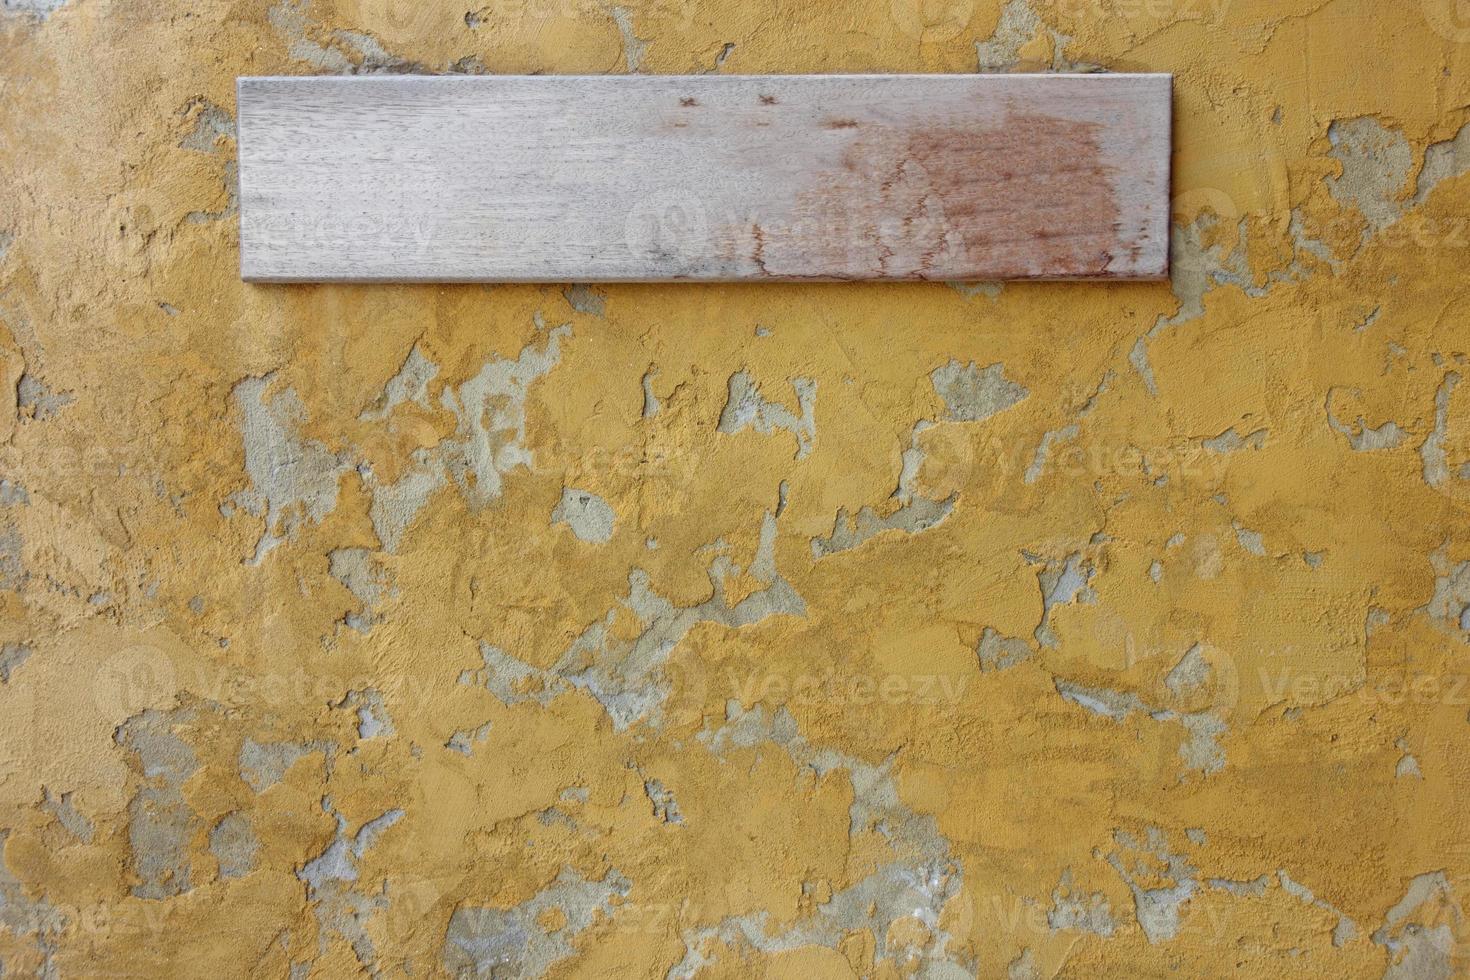 Holzschild auf Betonwand. foto